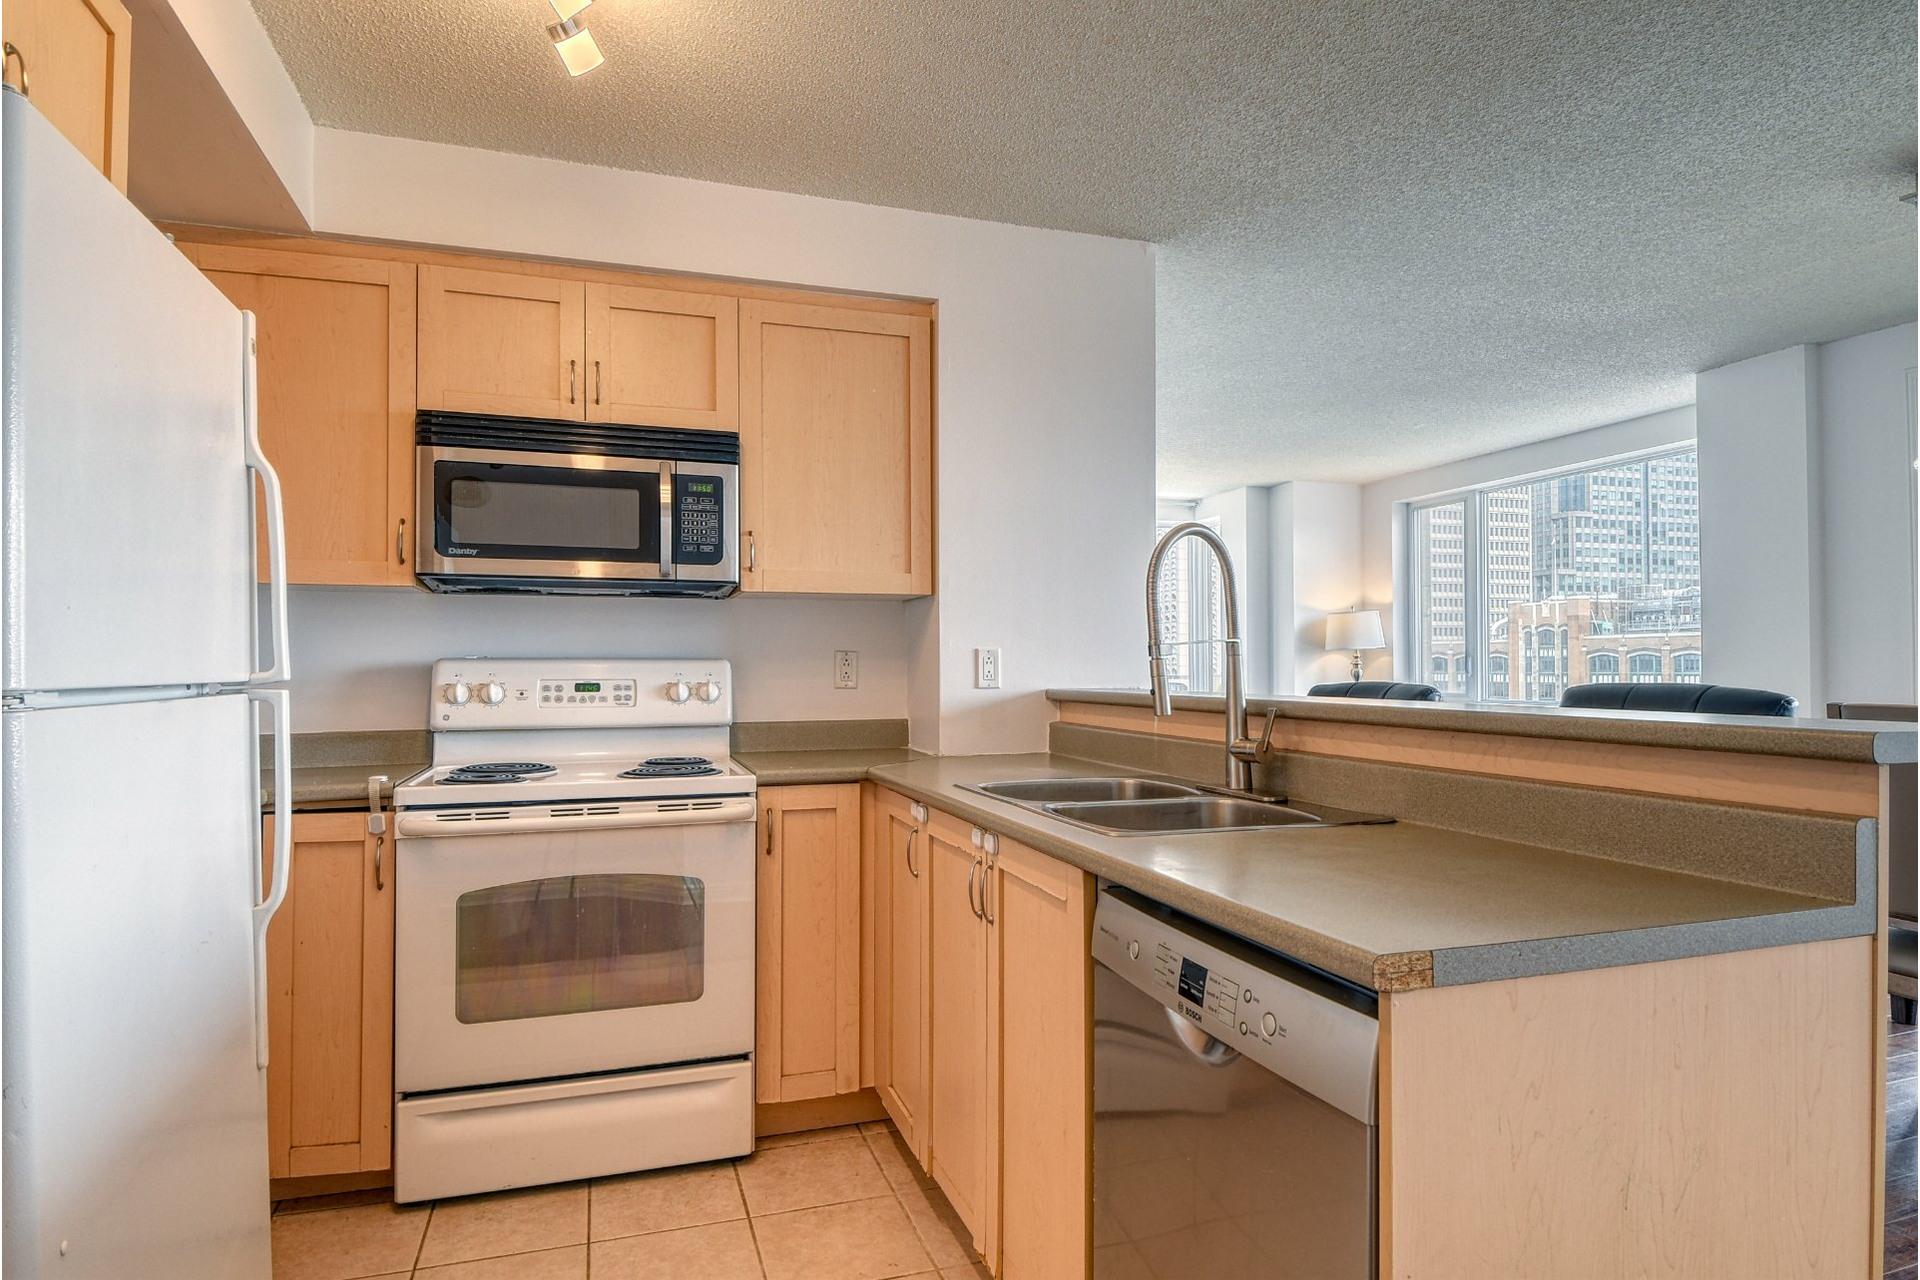 image 8 - Appartement À vendre Ville-Marie Montréal  - 4 pièces